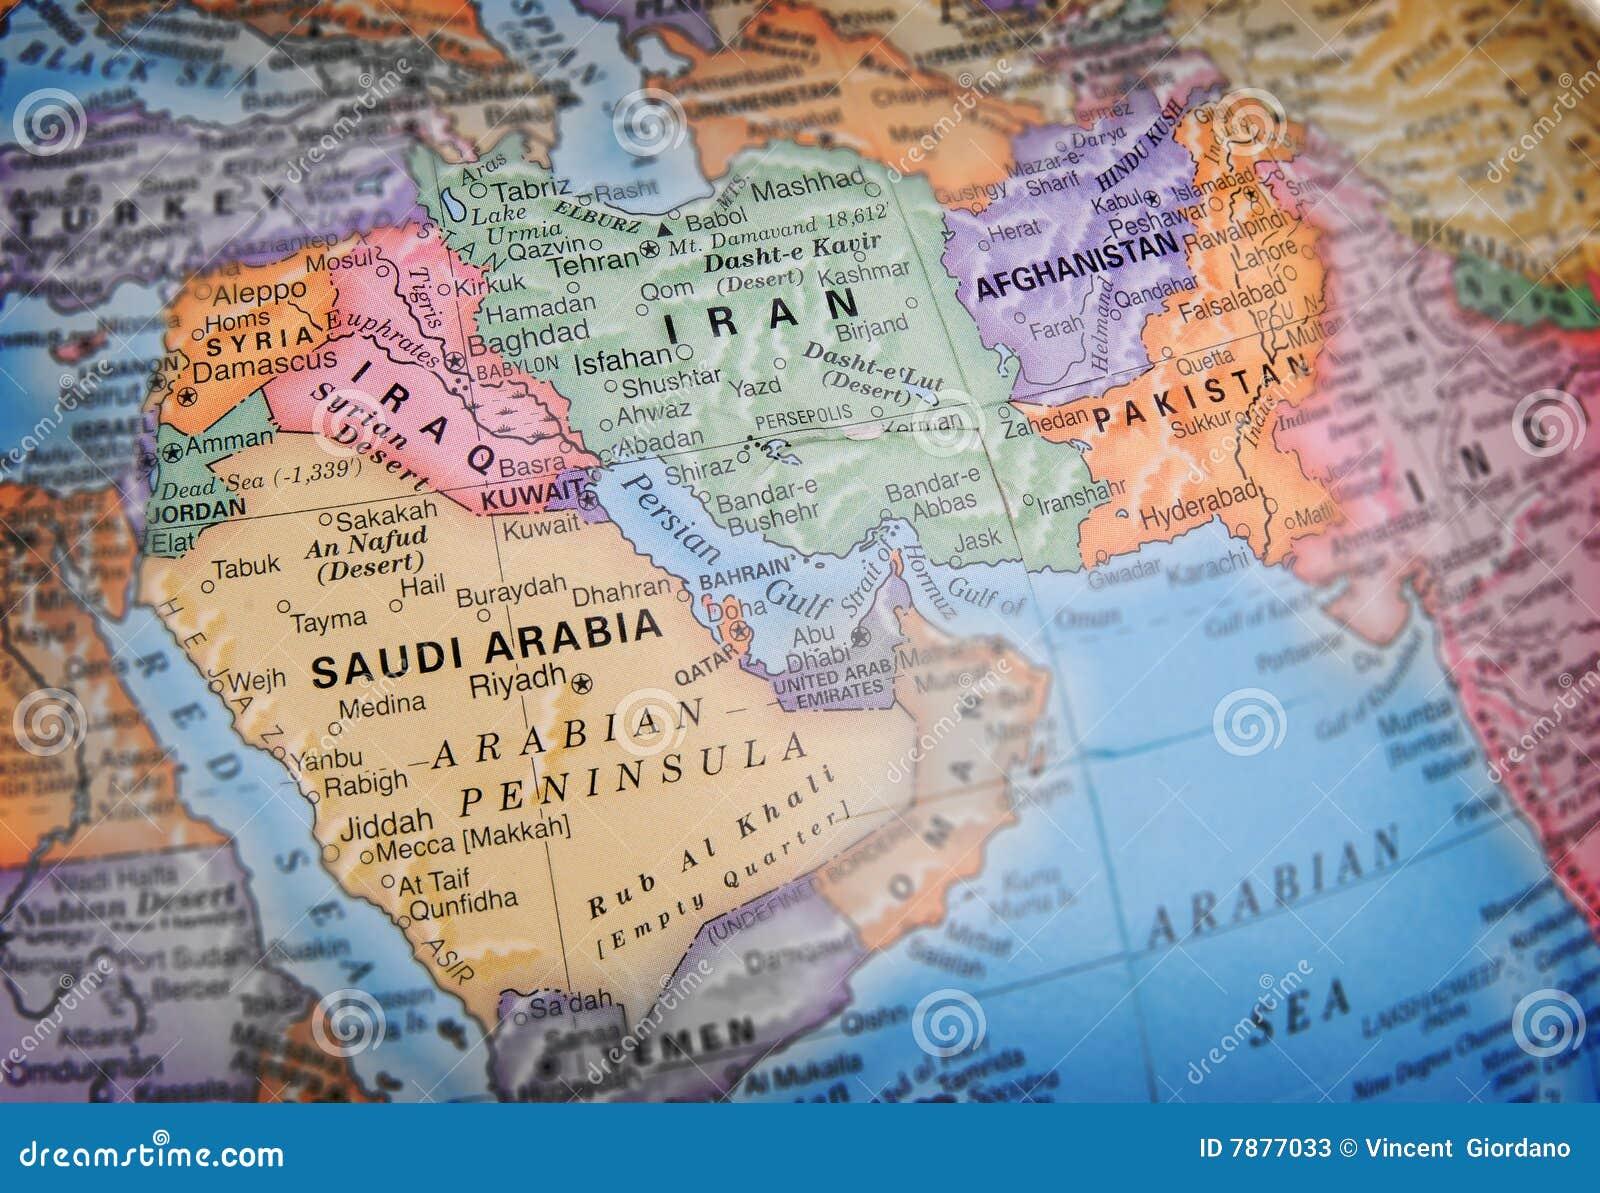 термобелья Craft иран и саудовская аравия на карте работы термобелья похож